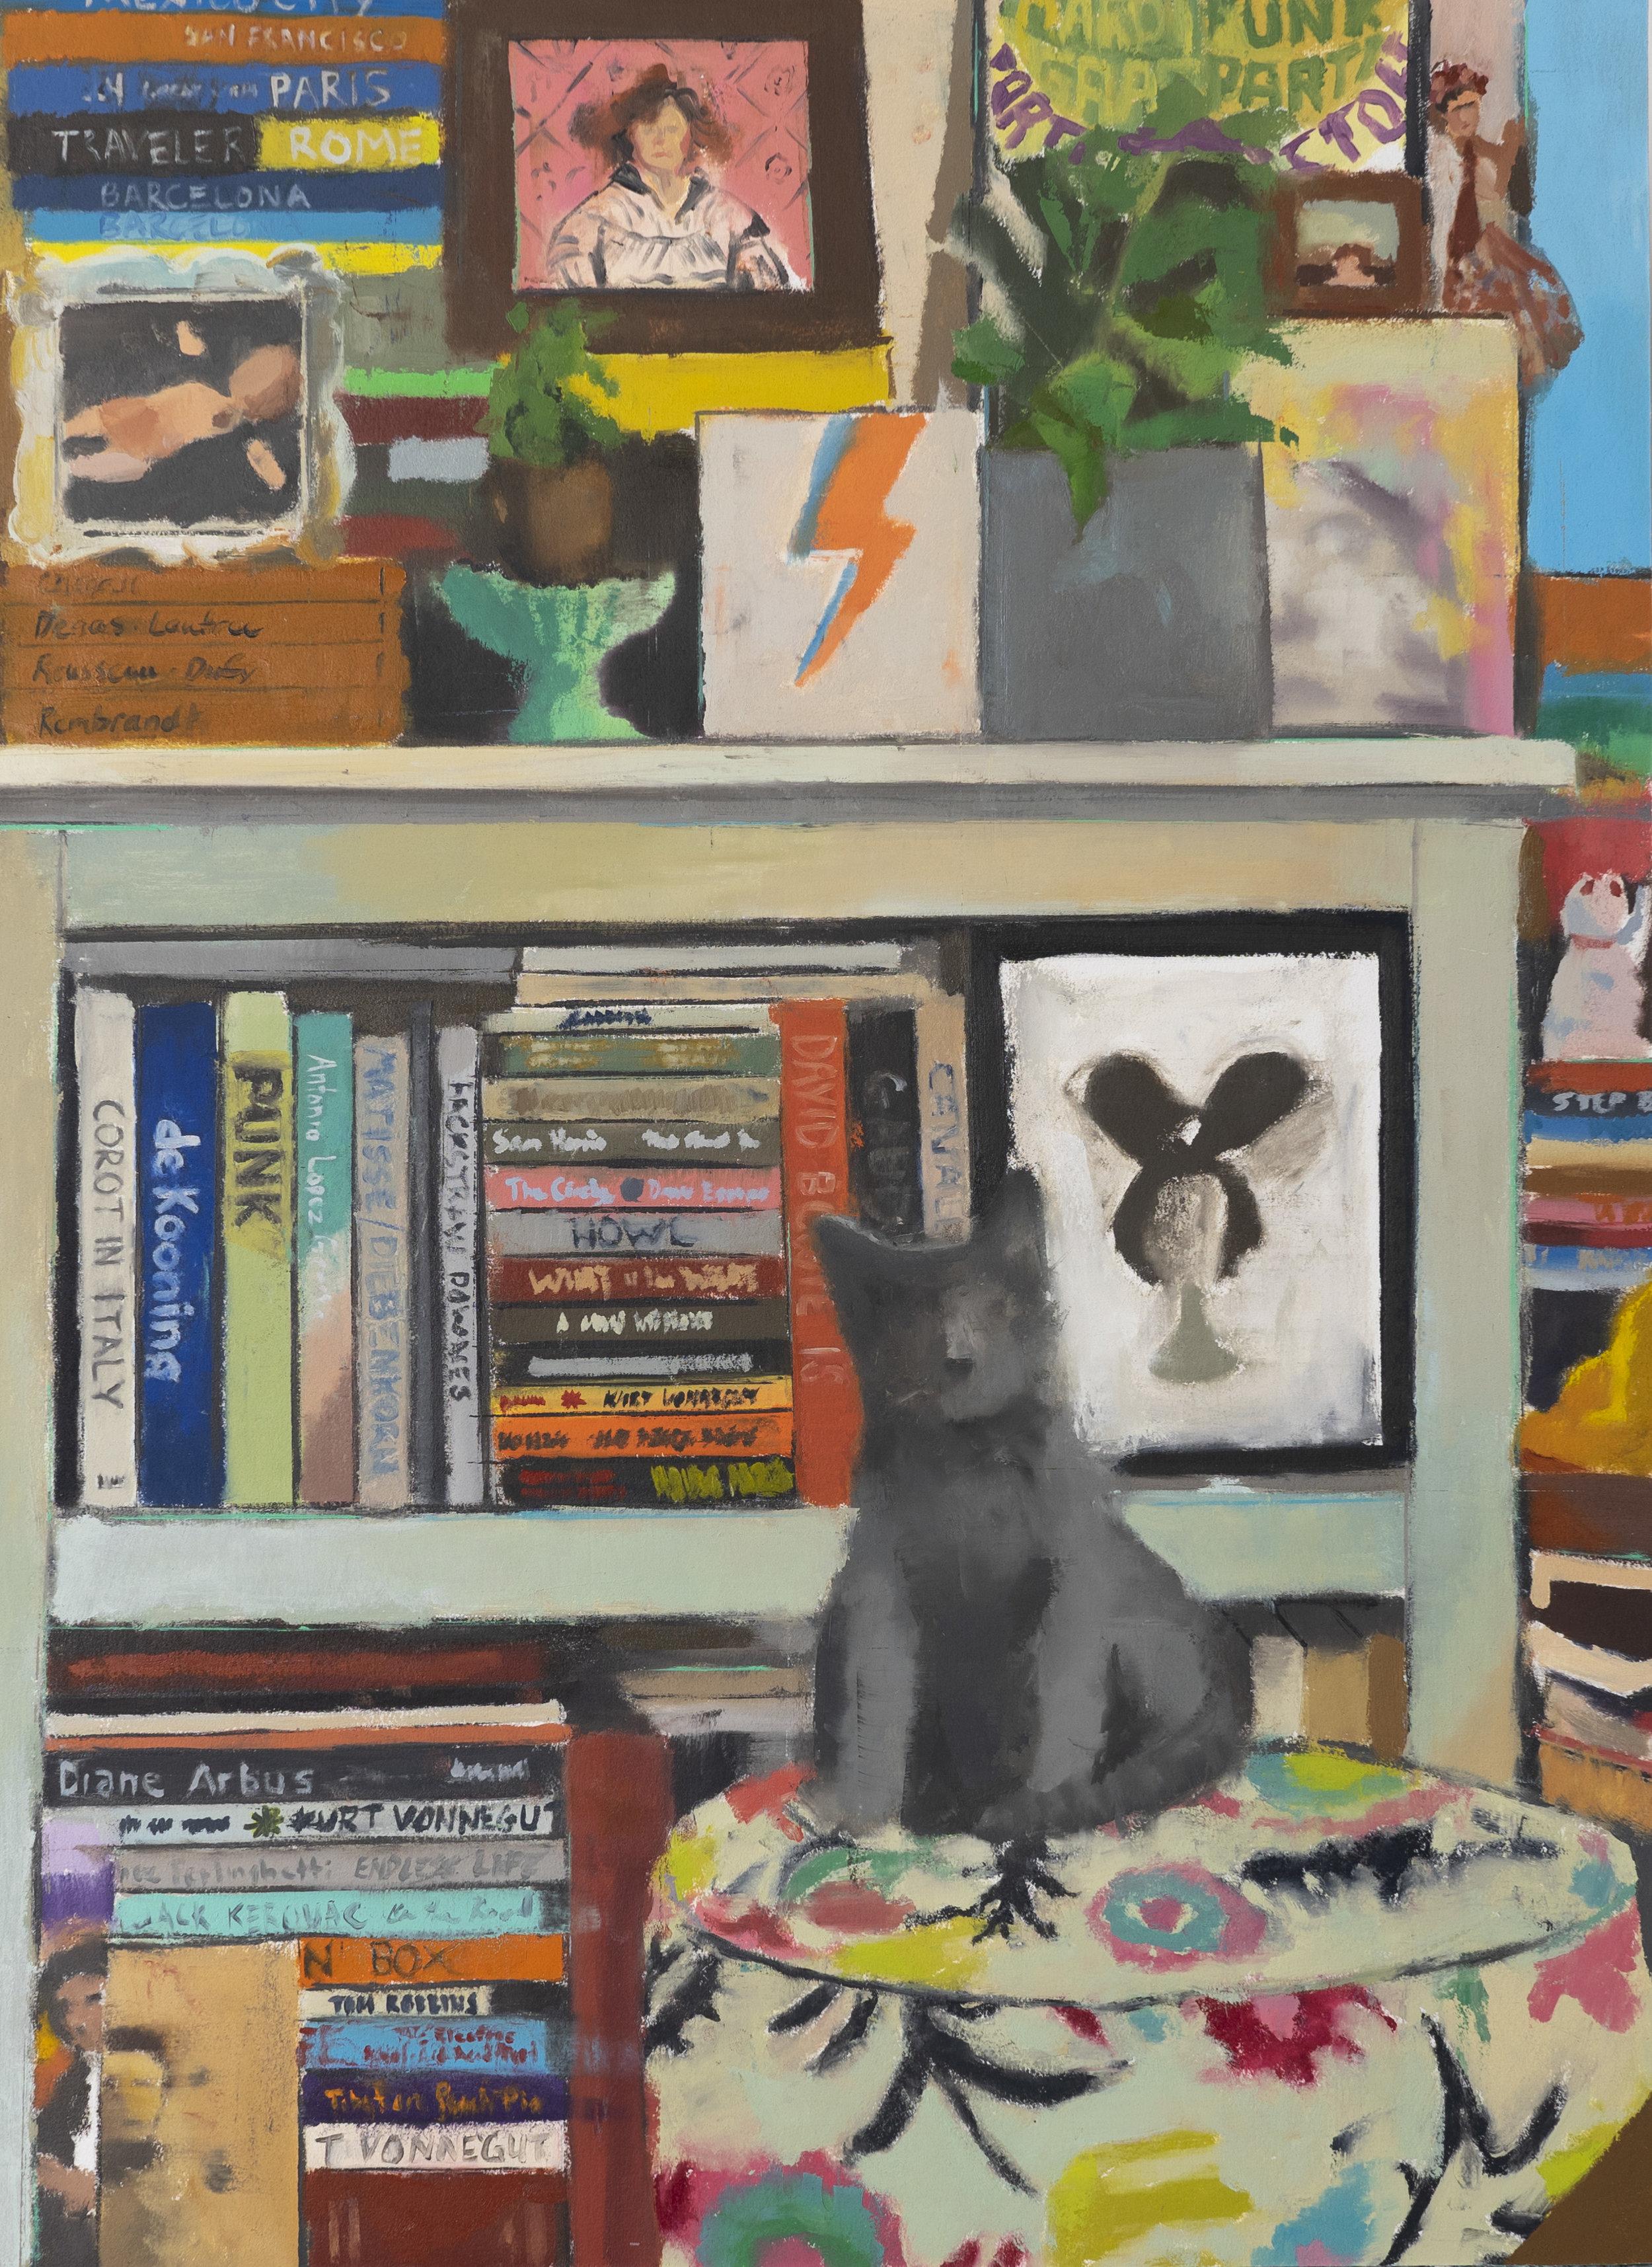 Altar, Bookshelf